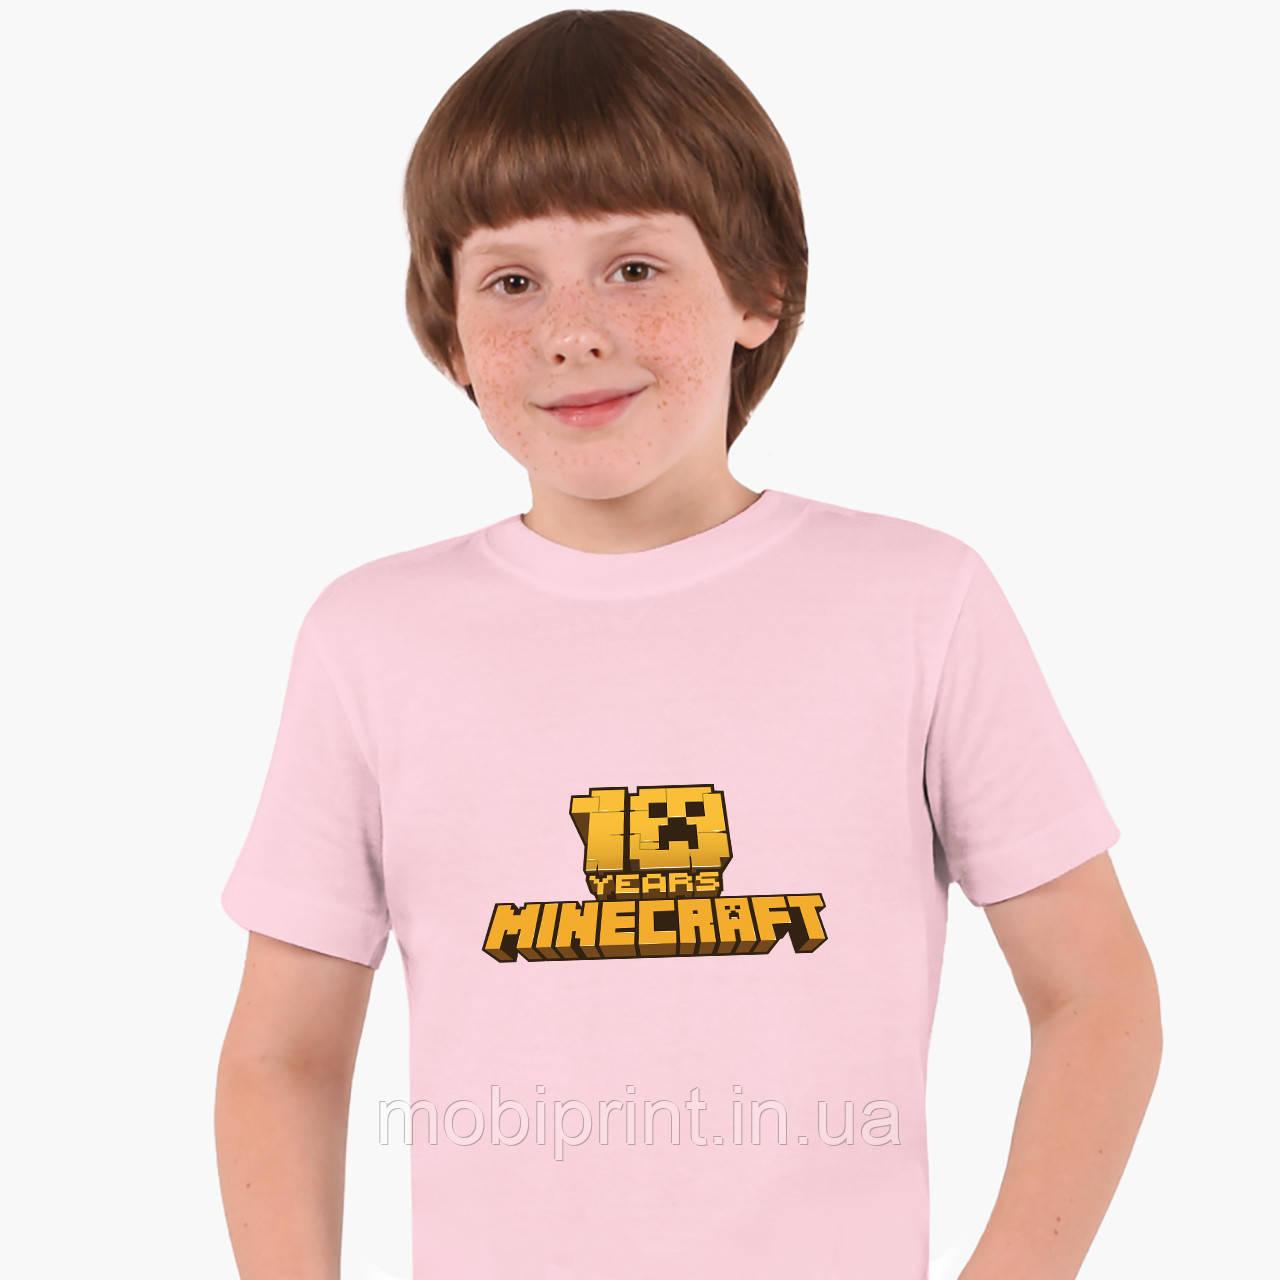 Детская футболка для мальчиков Майнкрафт (Minecraft) (25186-1171) Розовый